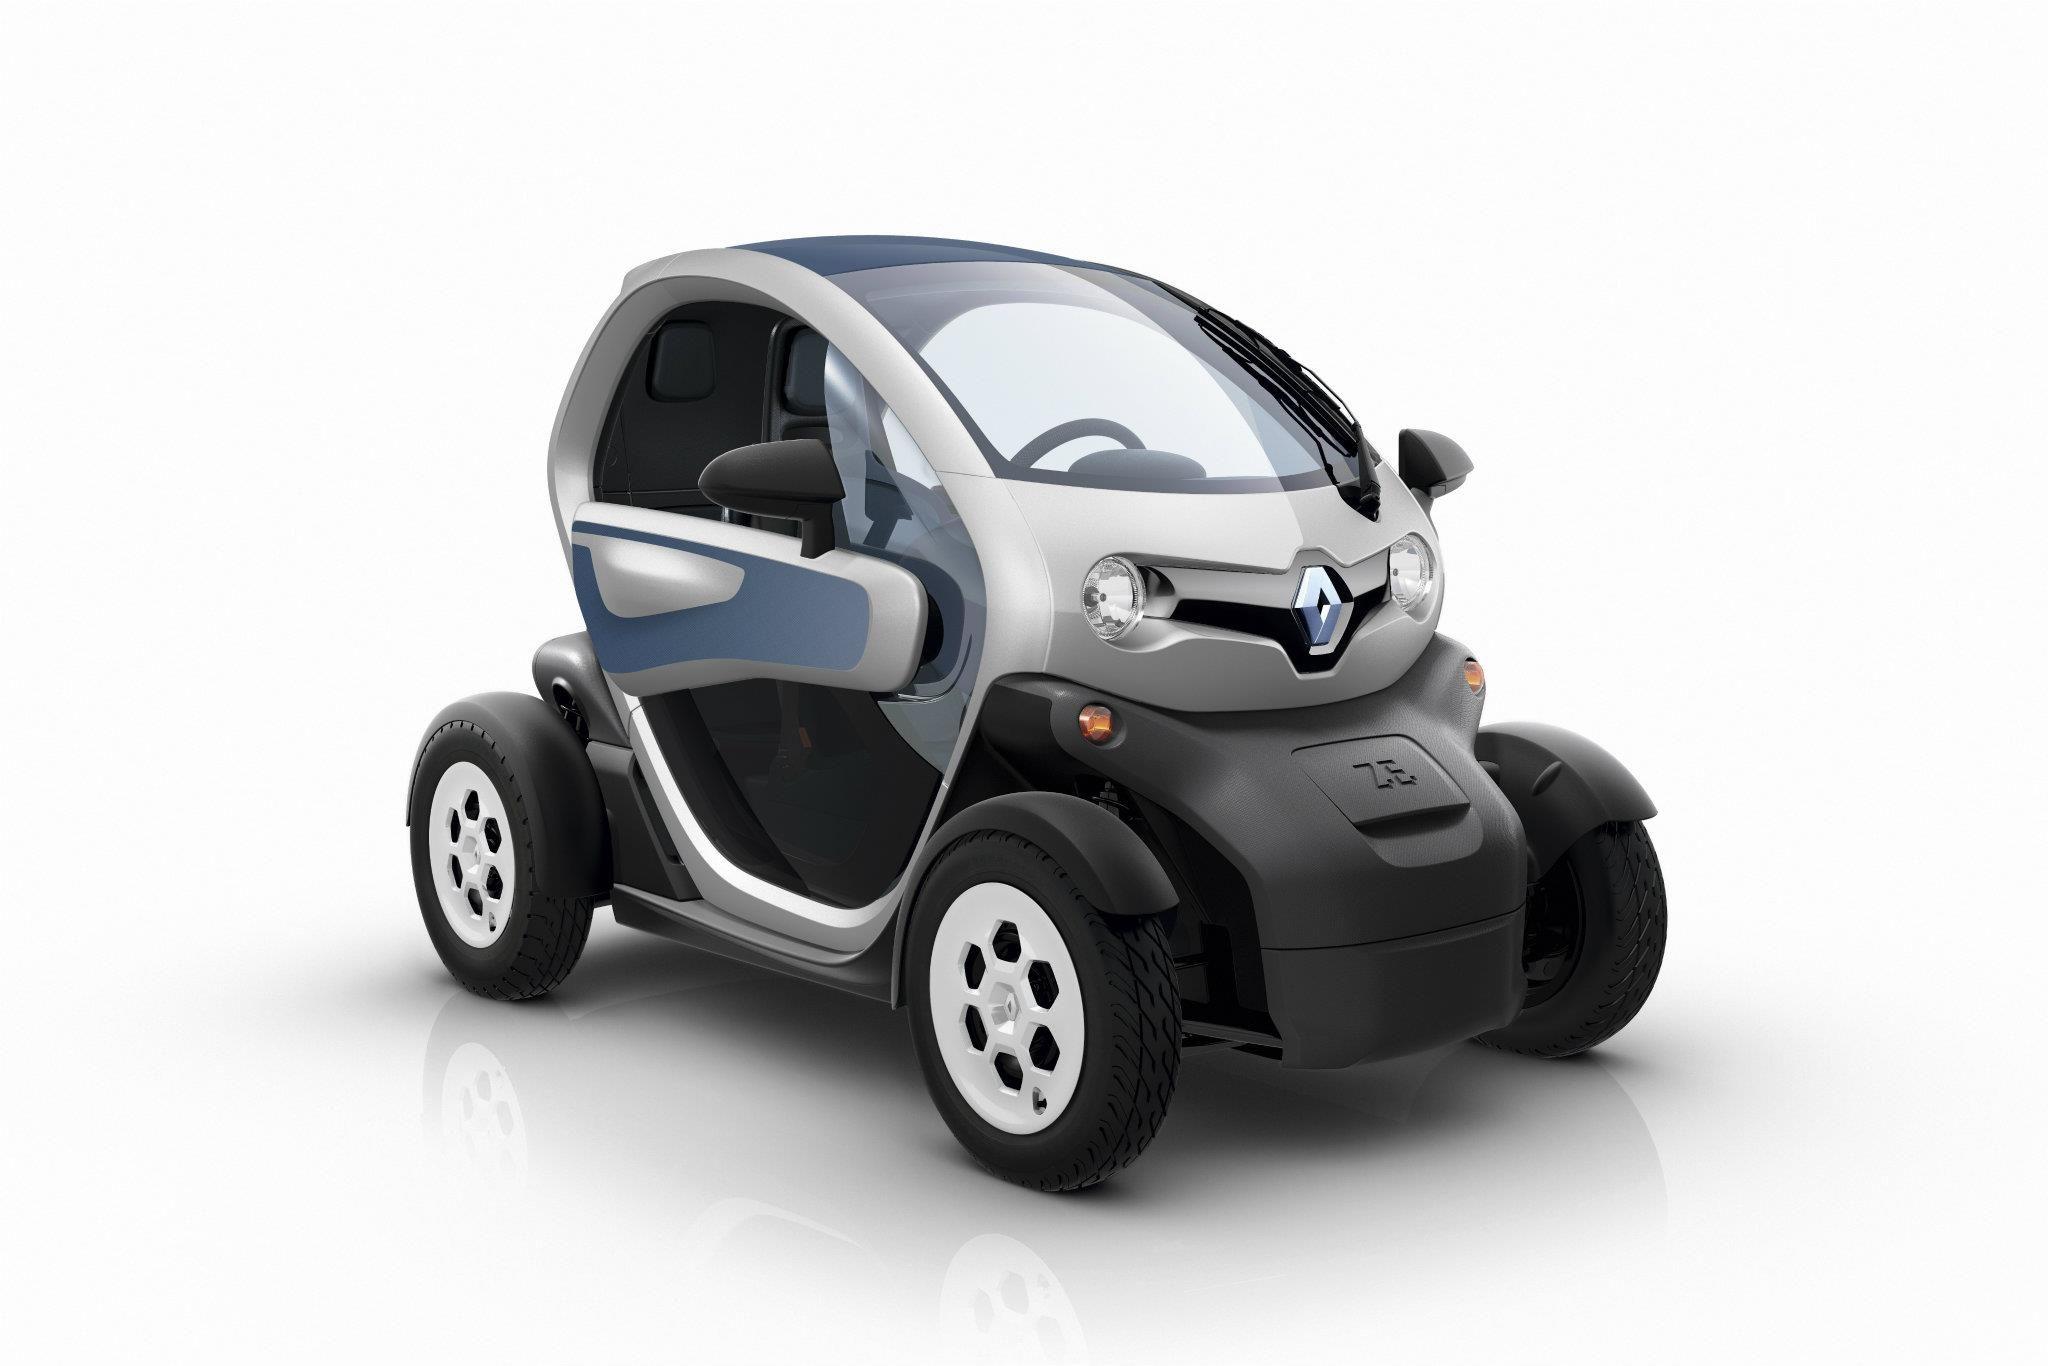 Conozca Los Autos De Renault Argentina Carros Electricos Coches Urbanos Carros Y Motos